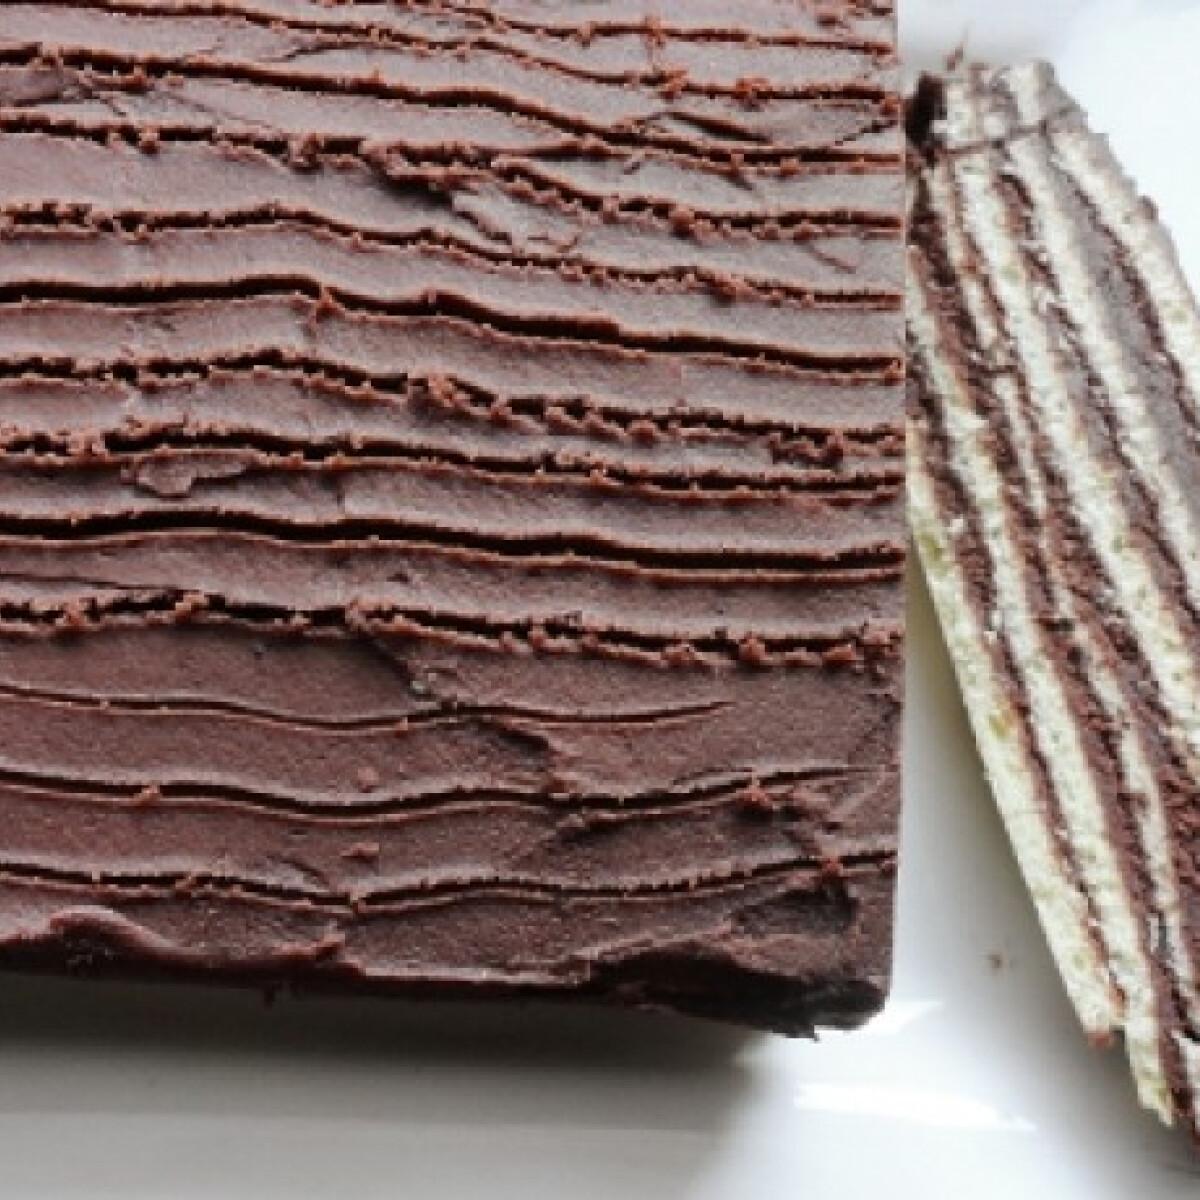 Csokoládés szelet Glaser konyhájából